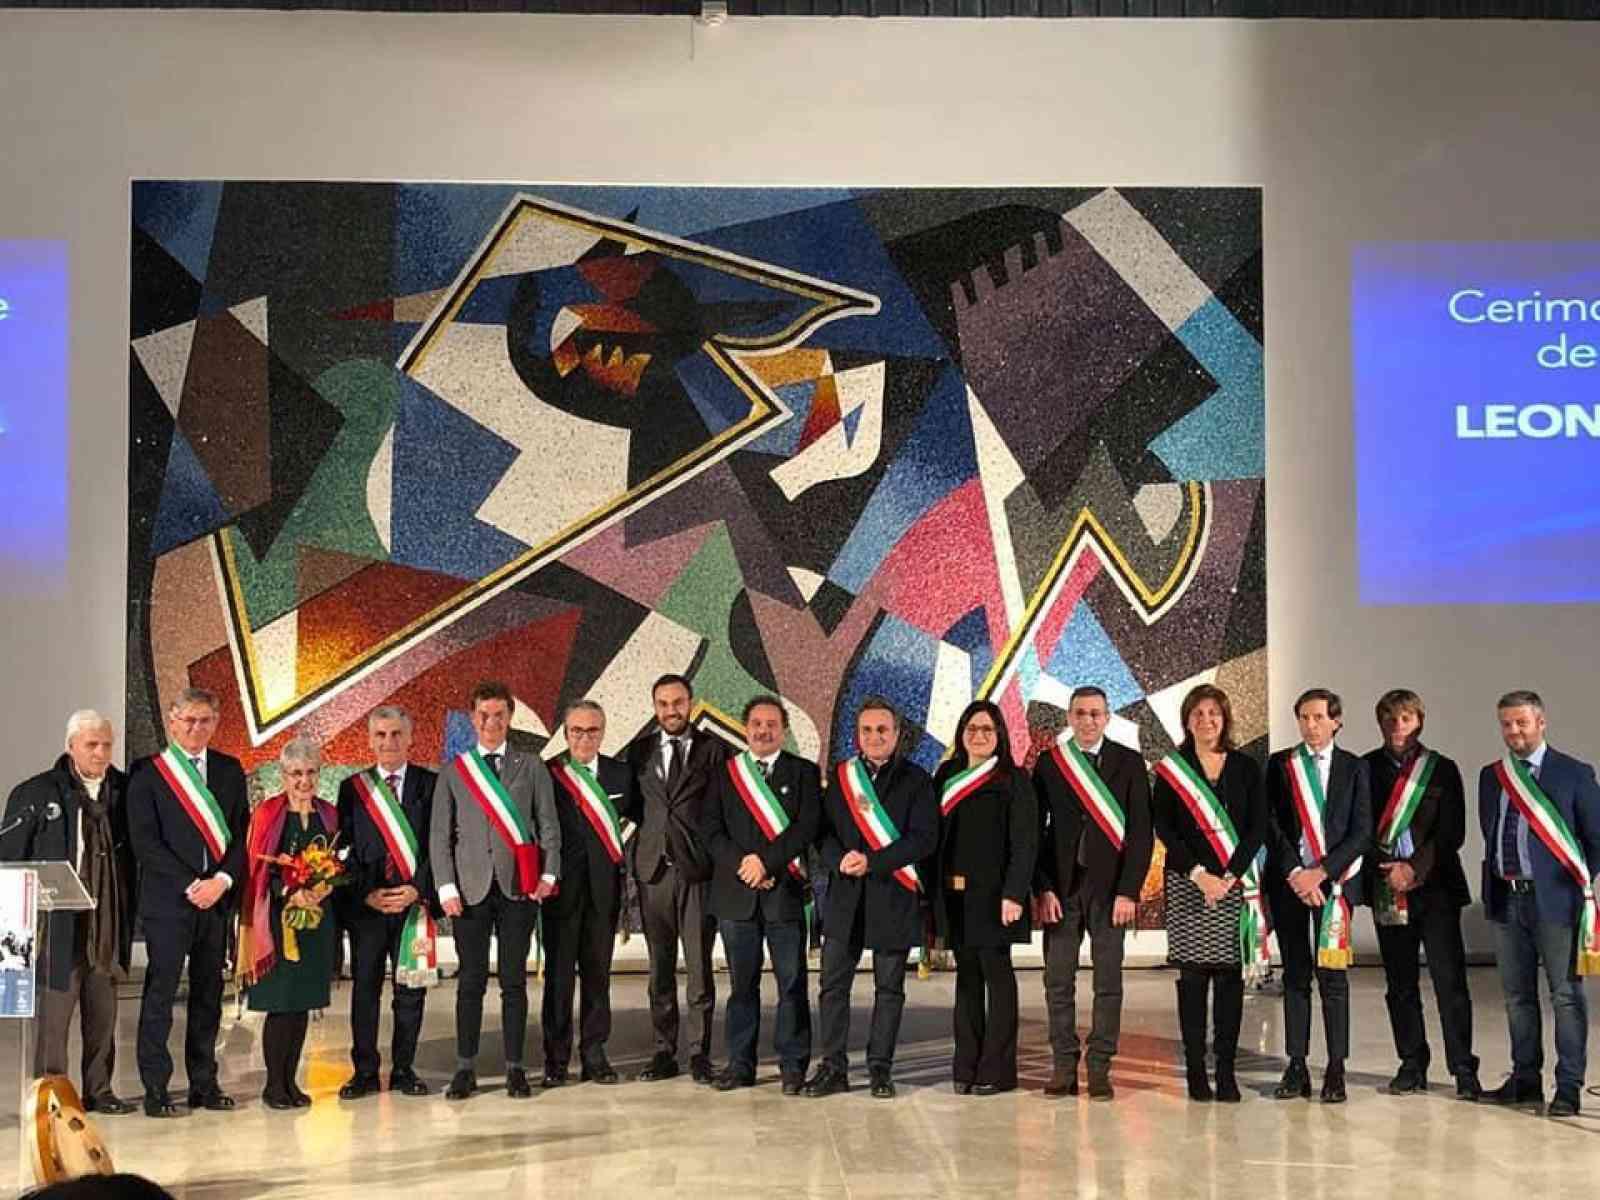 Immagine articolo: Gibellina, intitolata a Leonardo Sciascia la sala Agorà. Tante le autorità presenti